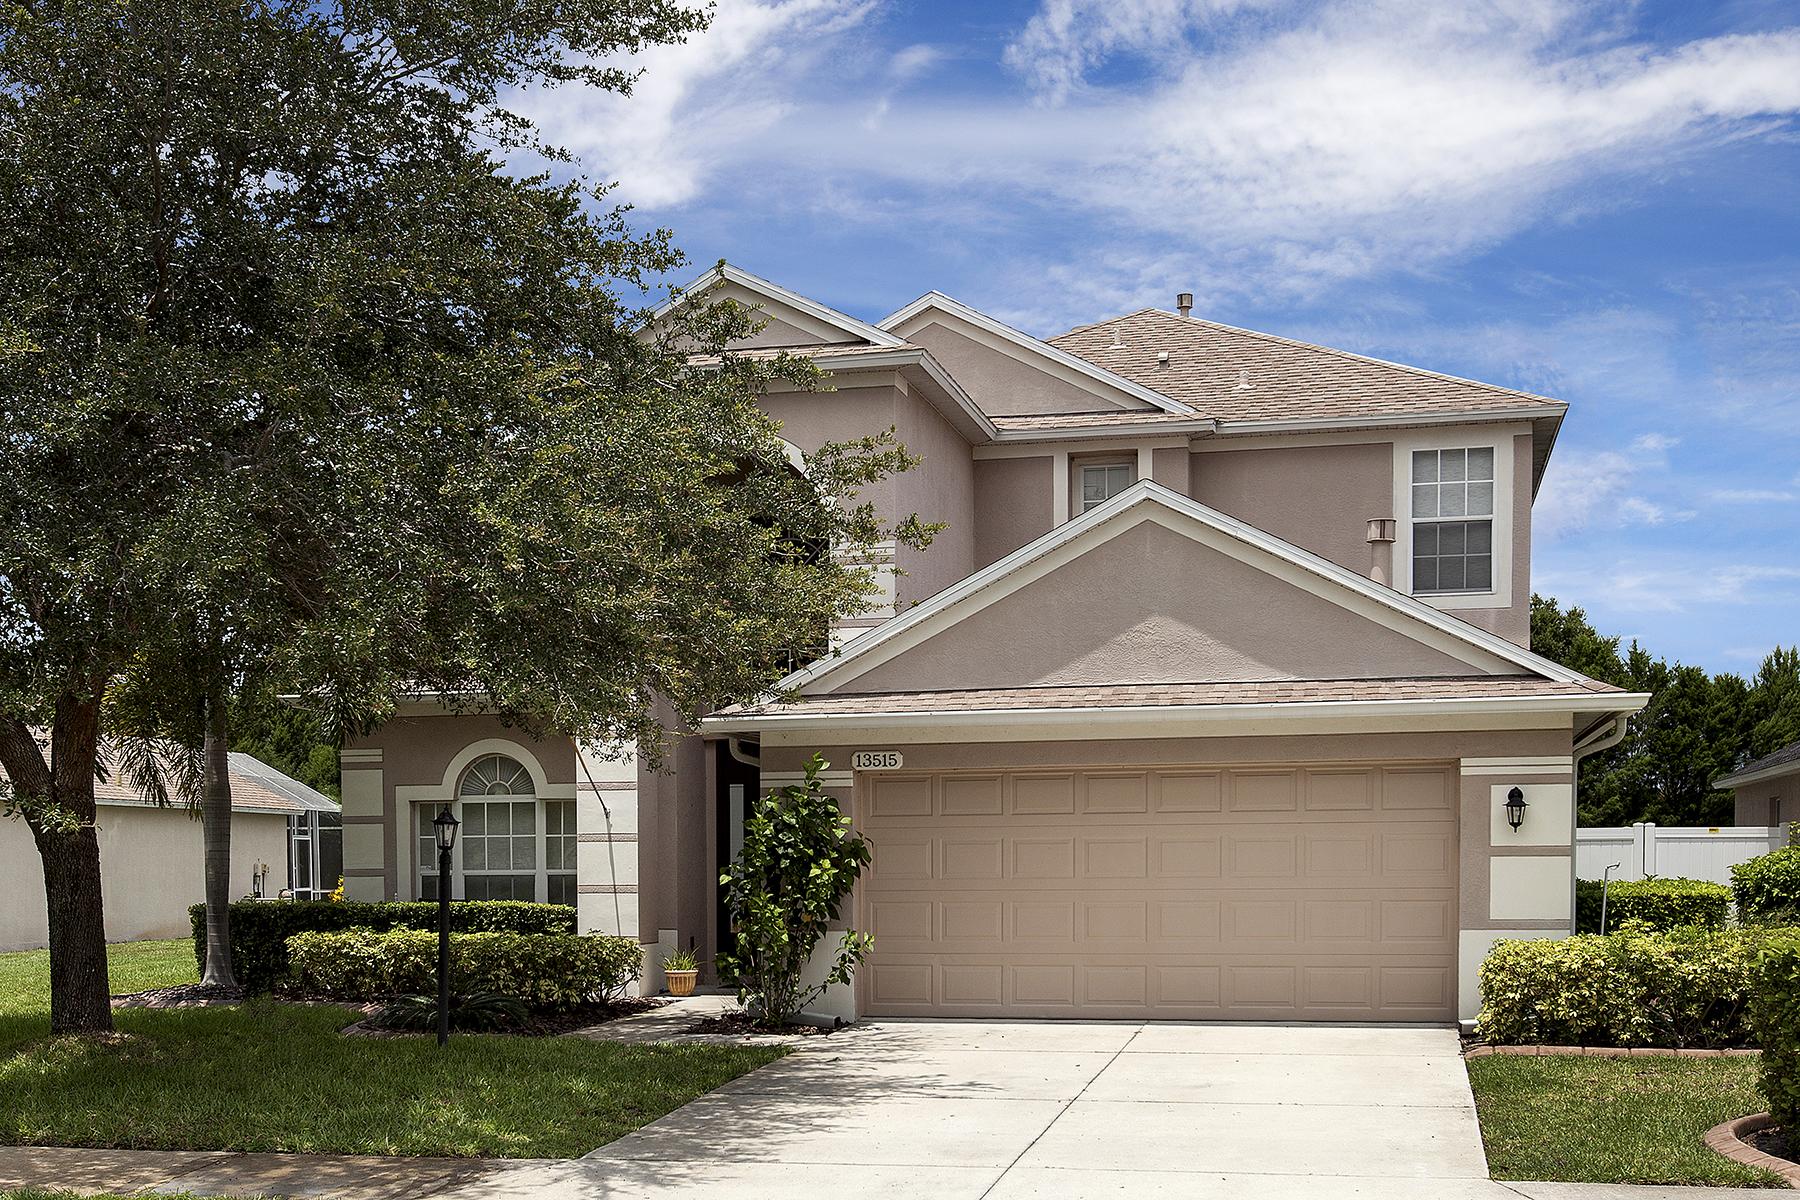 Einfamilienhaus für Verkauf beim GREENBROOK VILLAGE 13515 Glossy Ibis Pl Lakewood Ranch, Florida 34202 Vereinigte Staaten